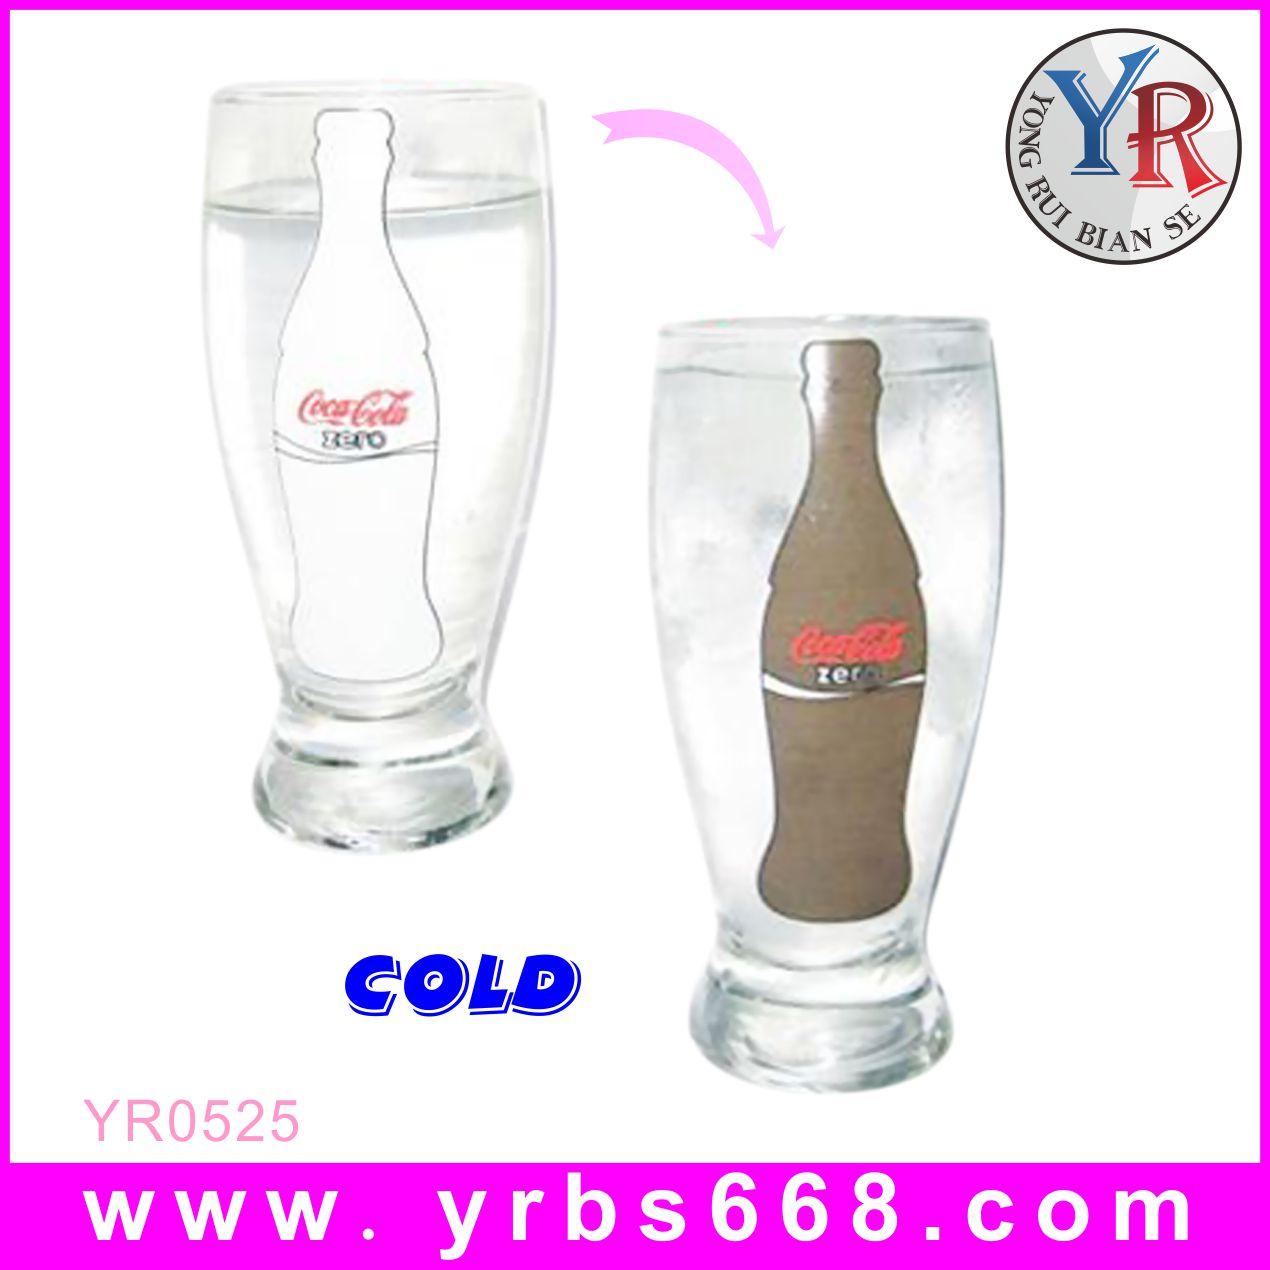 橄榄杯 玻璃冷变啤酒杯